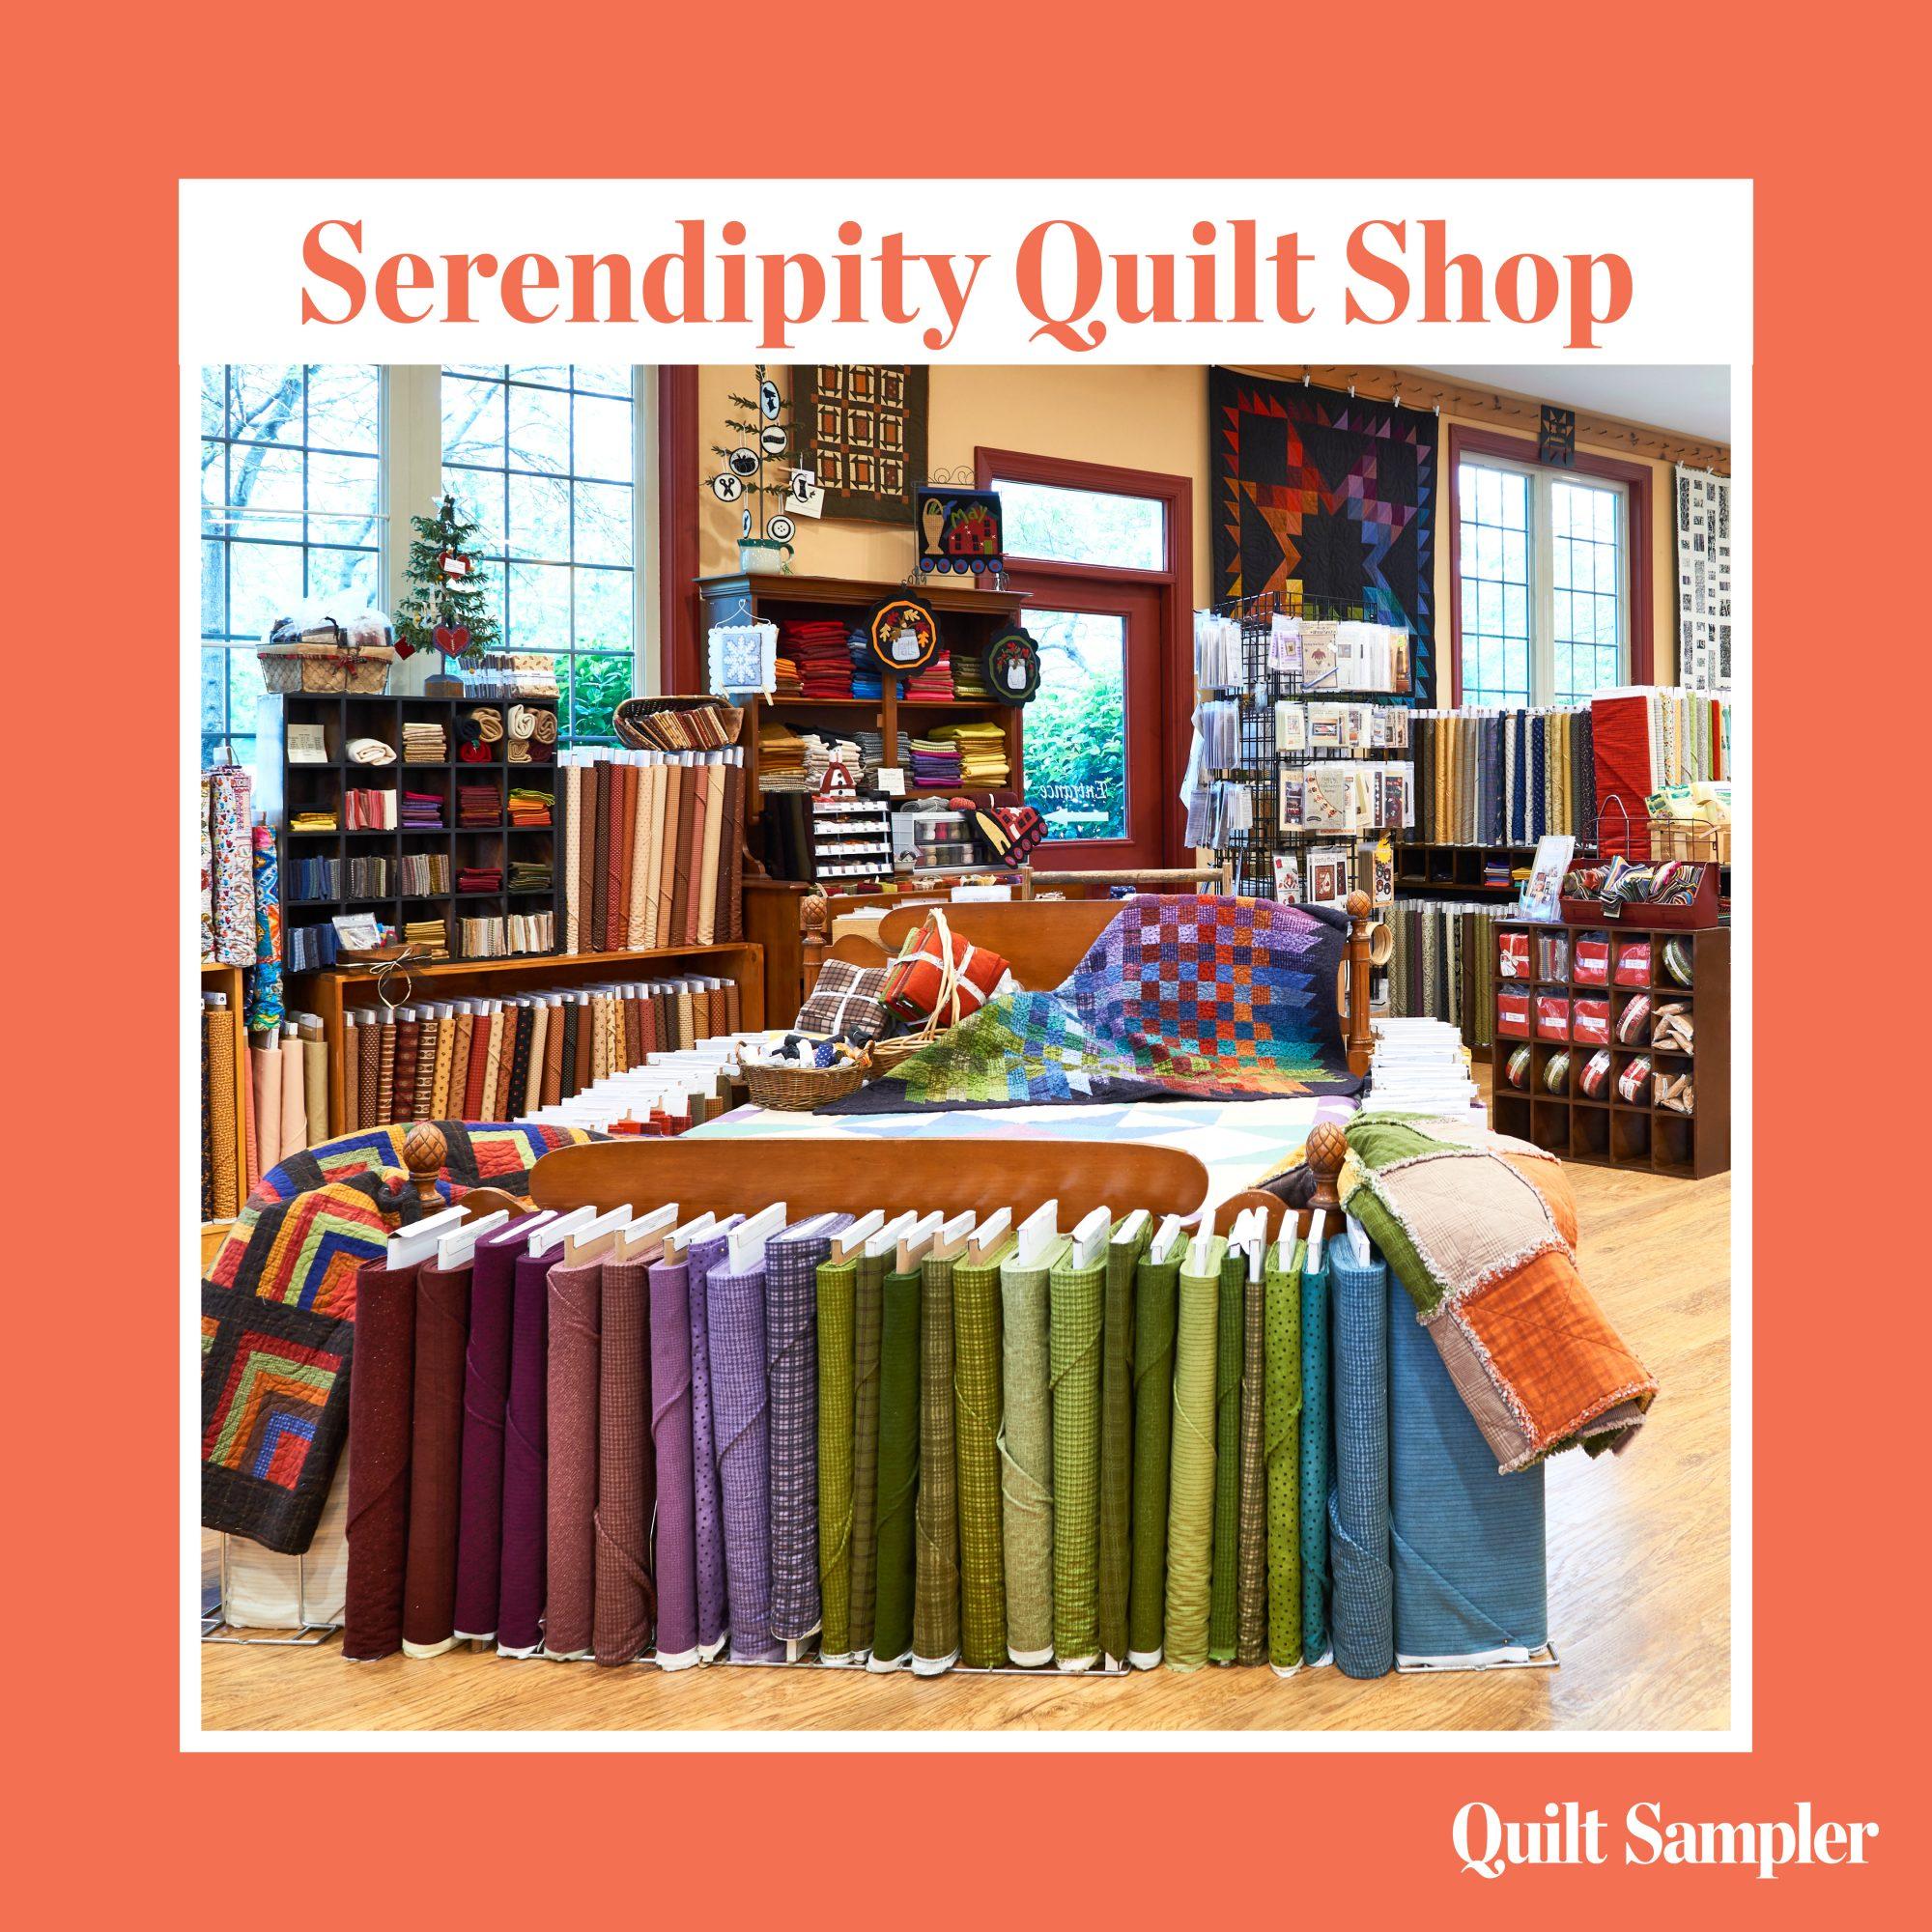 Serendipity Quilt Shop